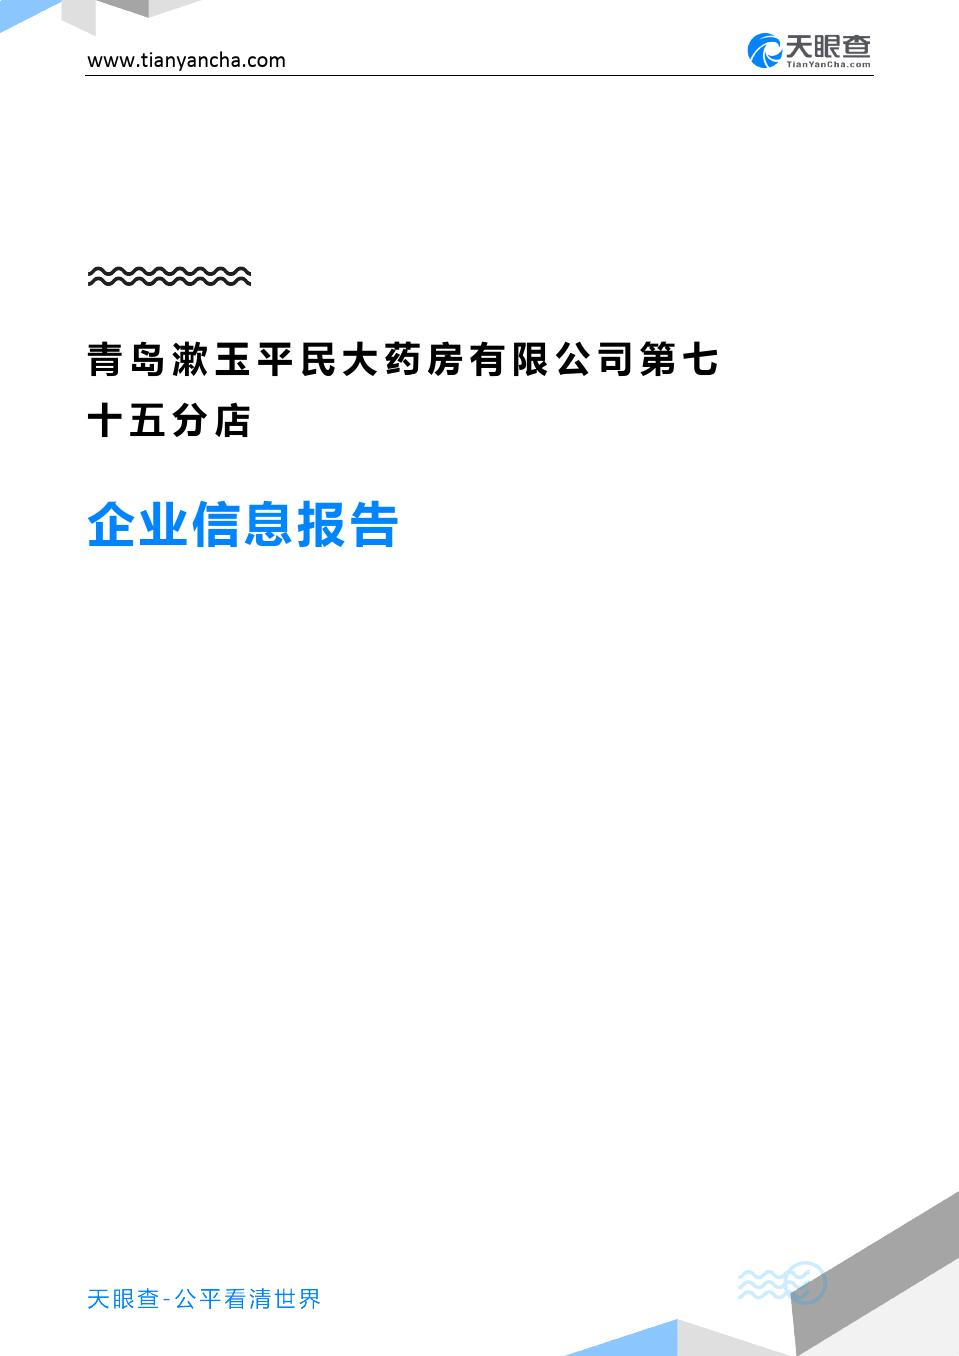 青岛漱玉平民大药房有限公司第七十五分店企业信息报告-天眼查